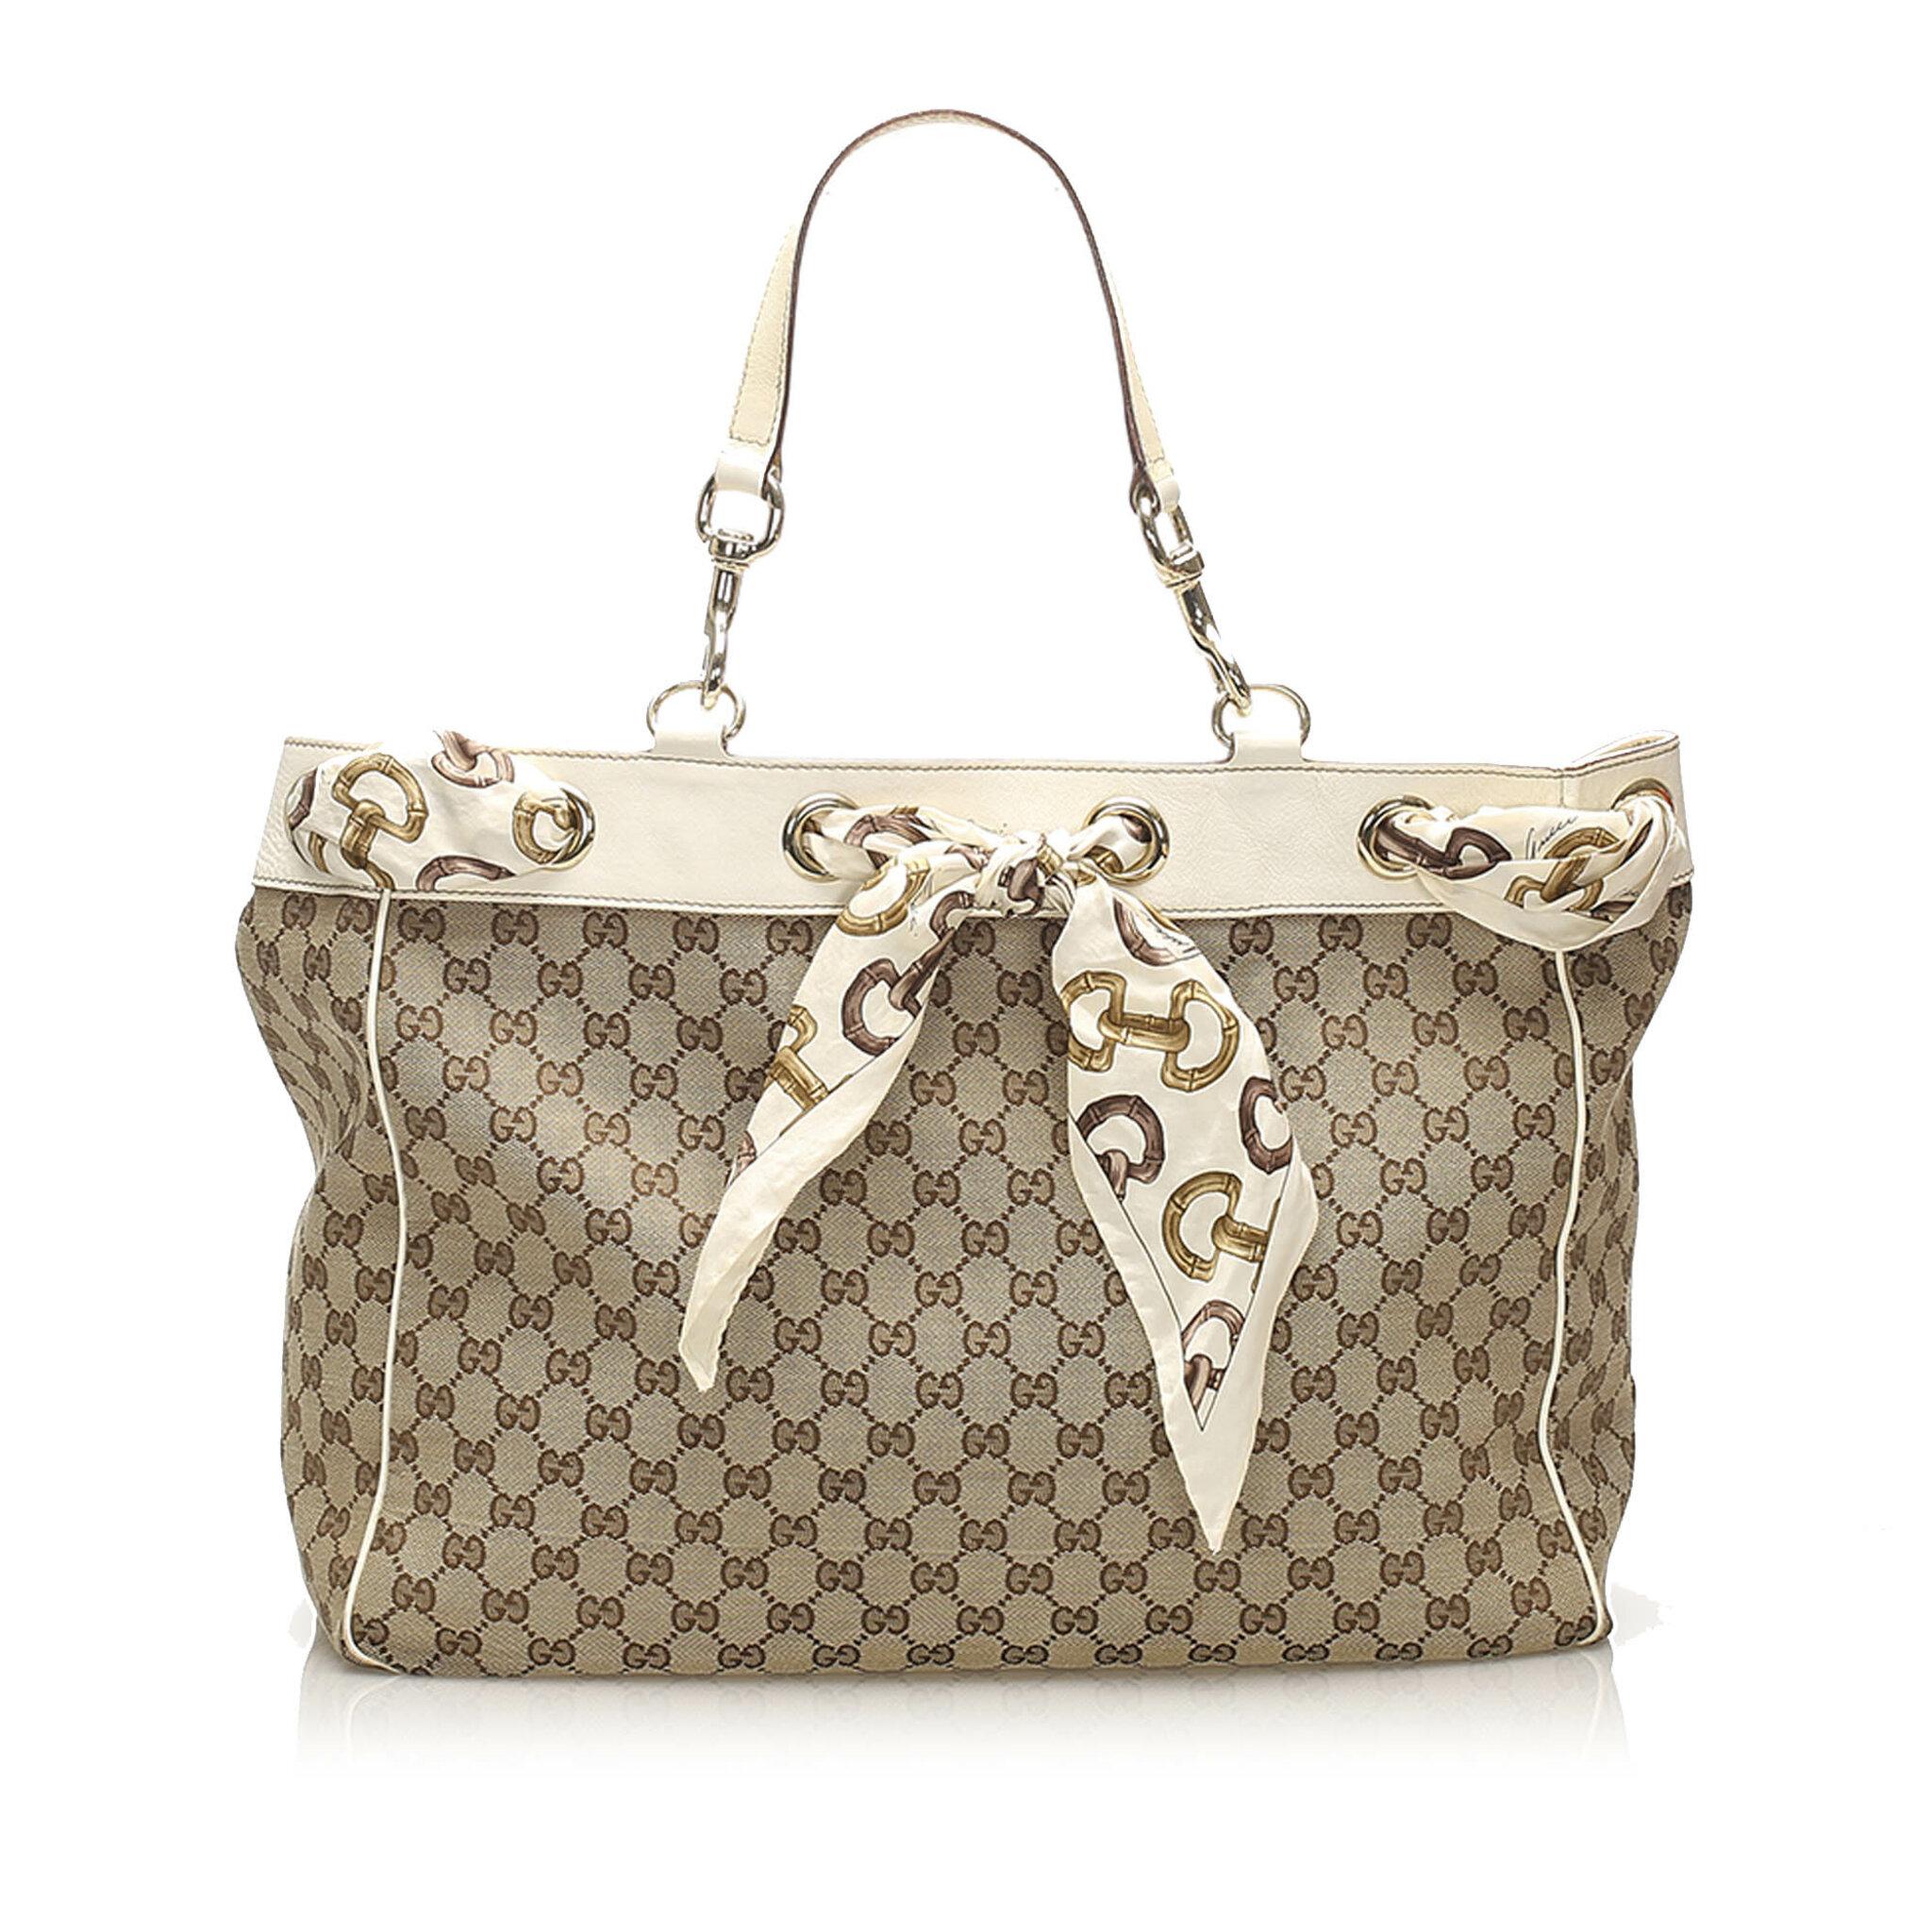 Gucci Gg Canvas Positano Tote Bag